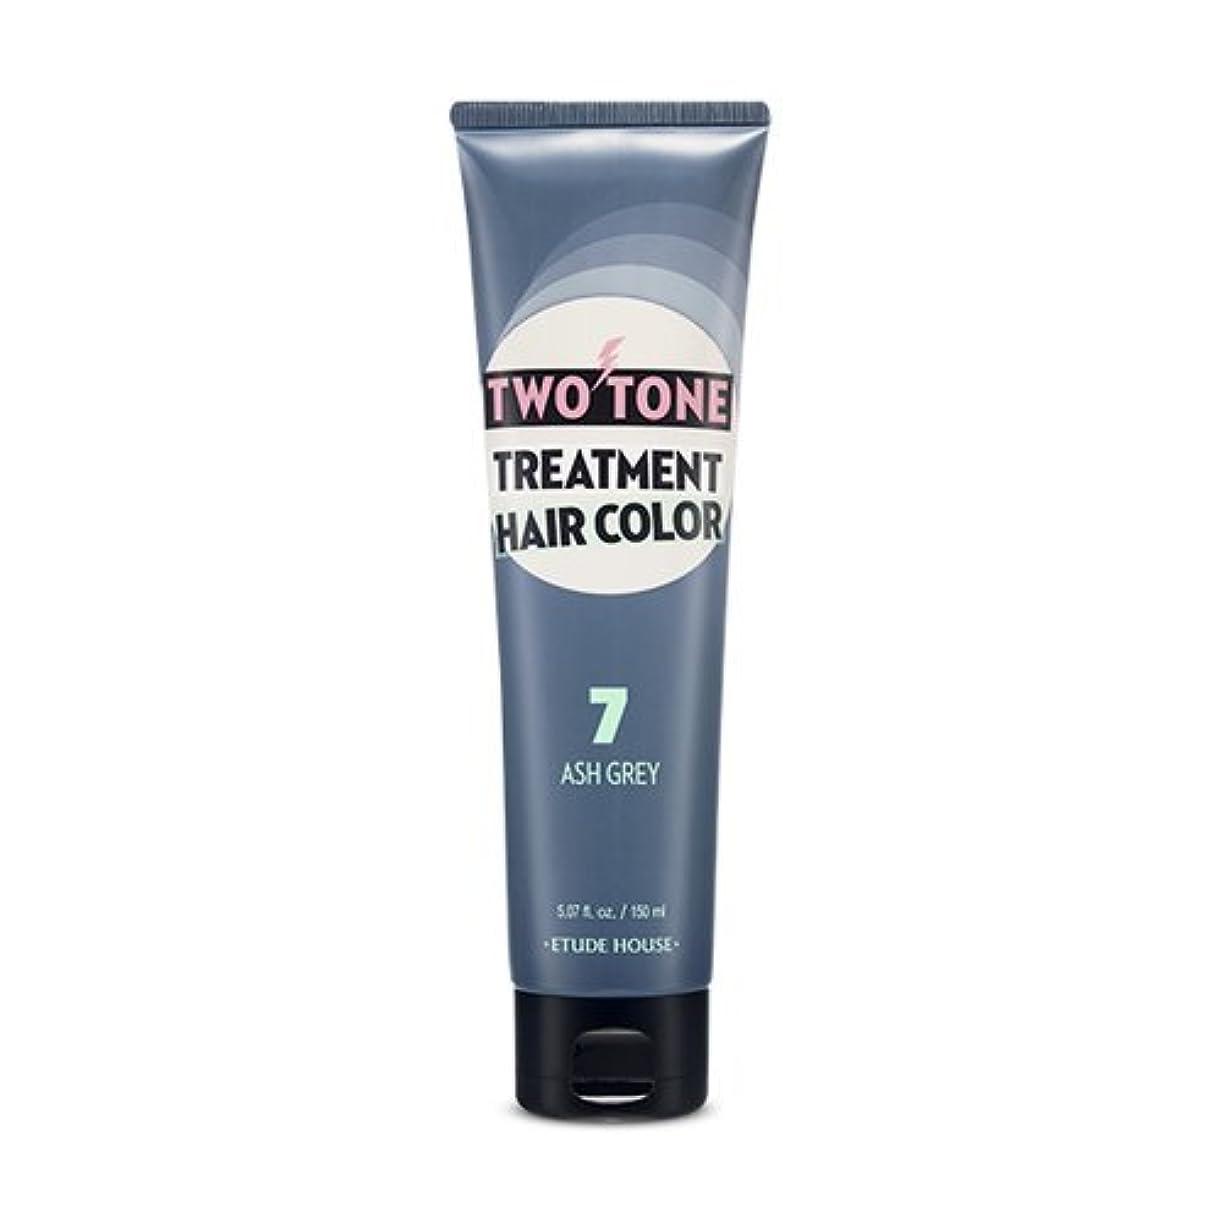 ハリケーン歪める比類なきETUDE HOUSE Two Tone Treatment Hair Color 7.ASH GREY/エチュードハウス ツートントリートメントヘアカラー150ml [並行輸入品]